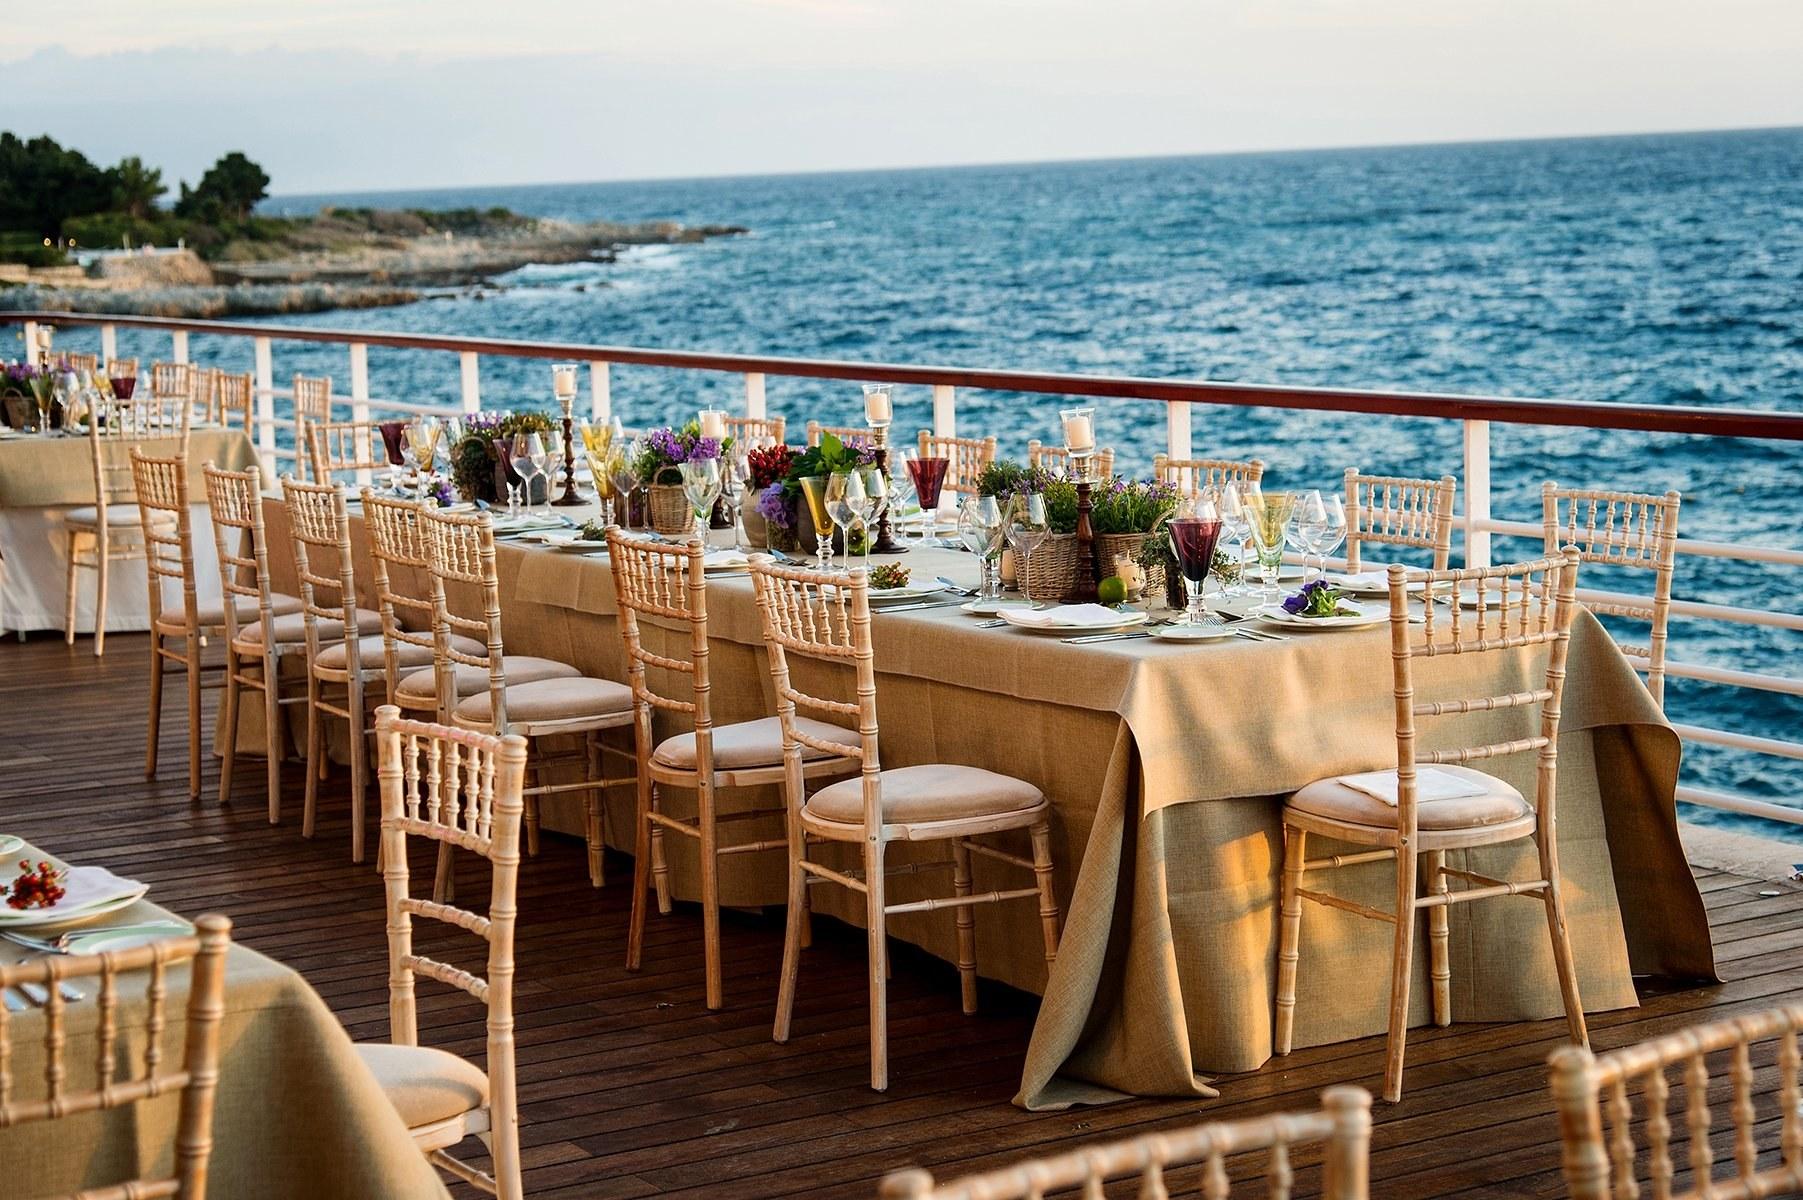 59-the-best-destination-weddings-in-vogue.jpg